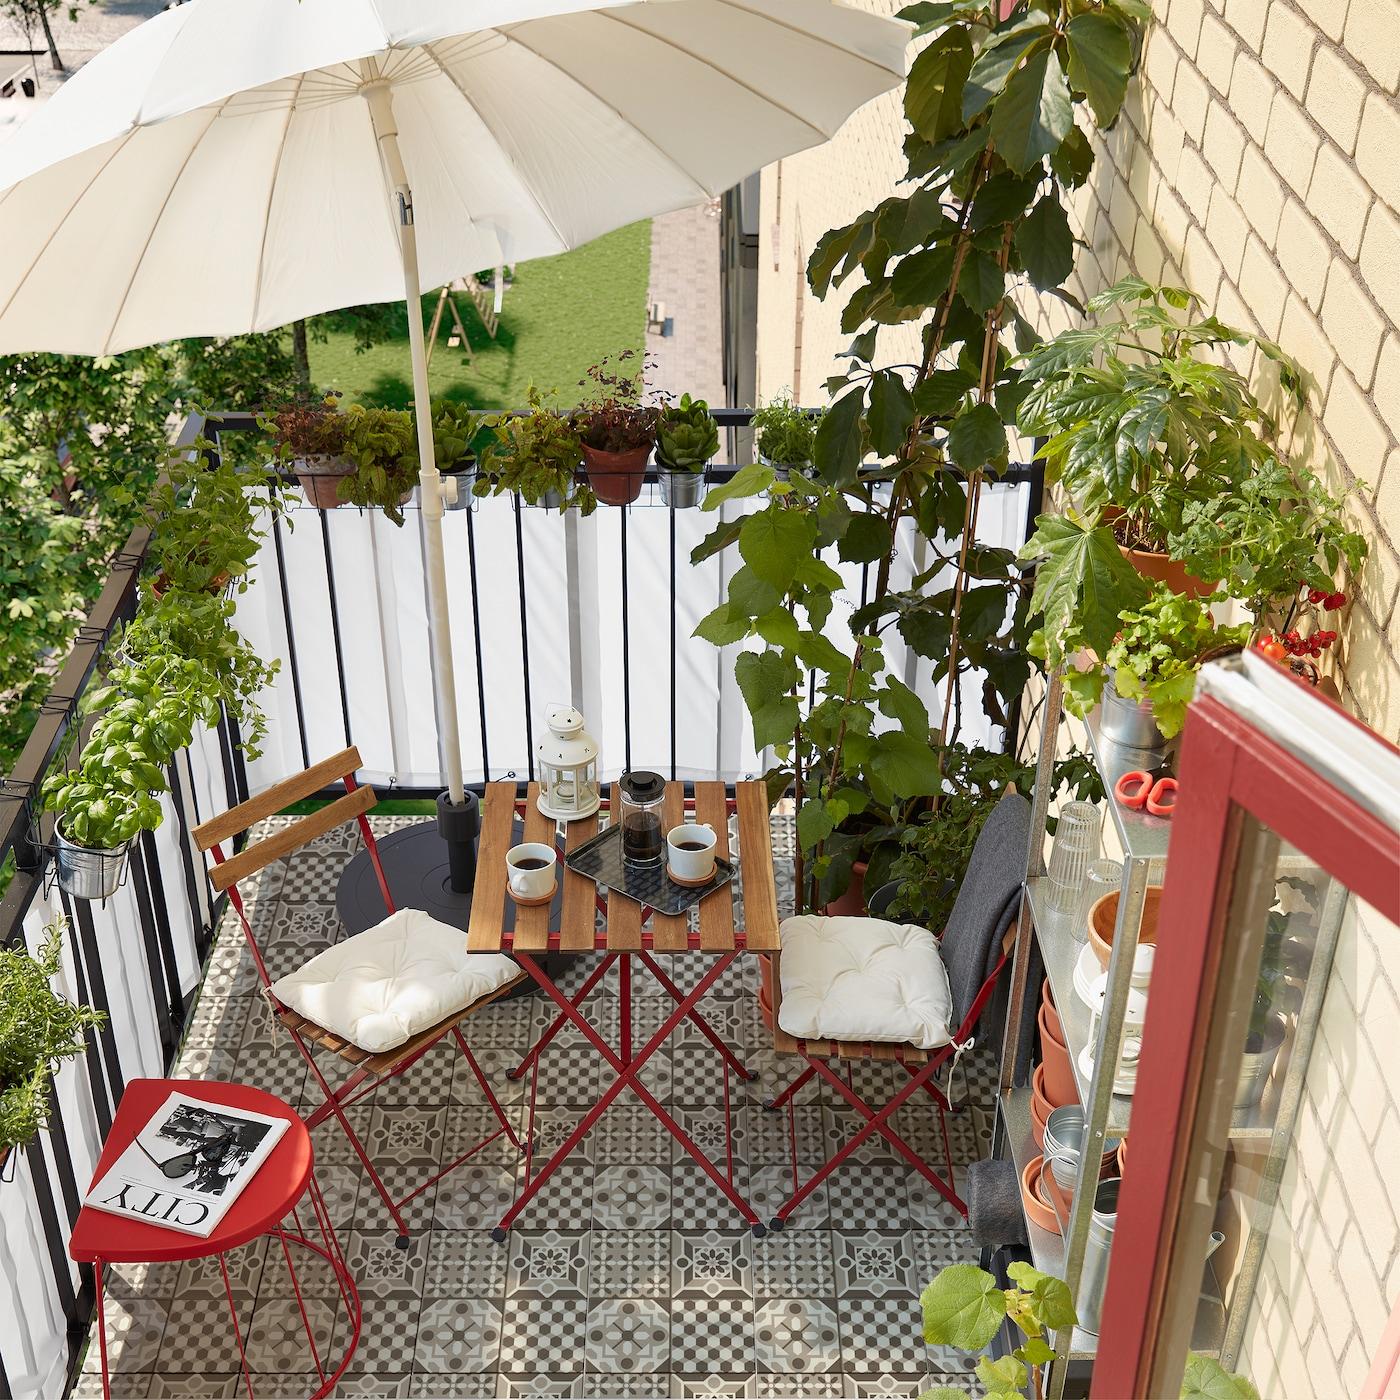 Mały balkon z mnóstwem ziół i roślin, czerwony stołek, biały parasol, dwa składane krzesła i stół.